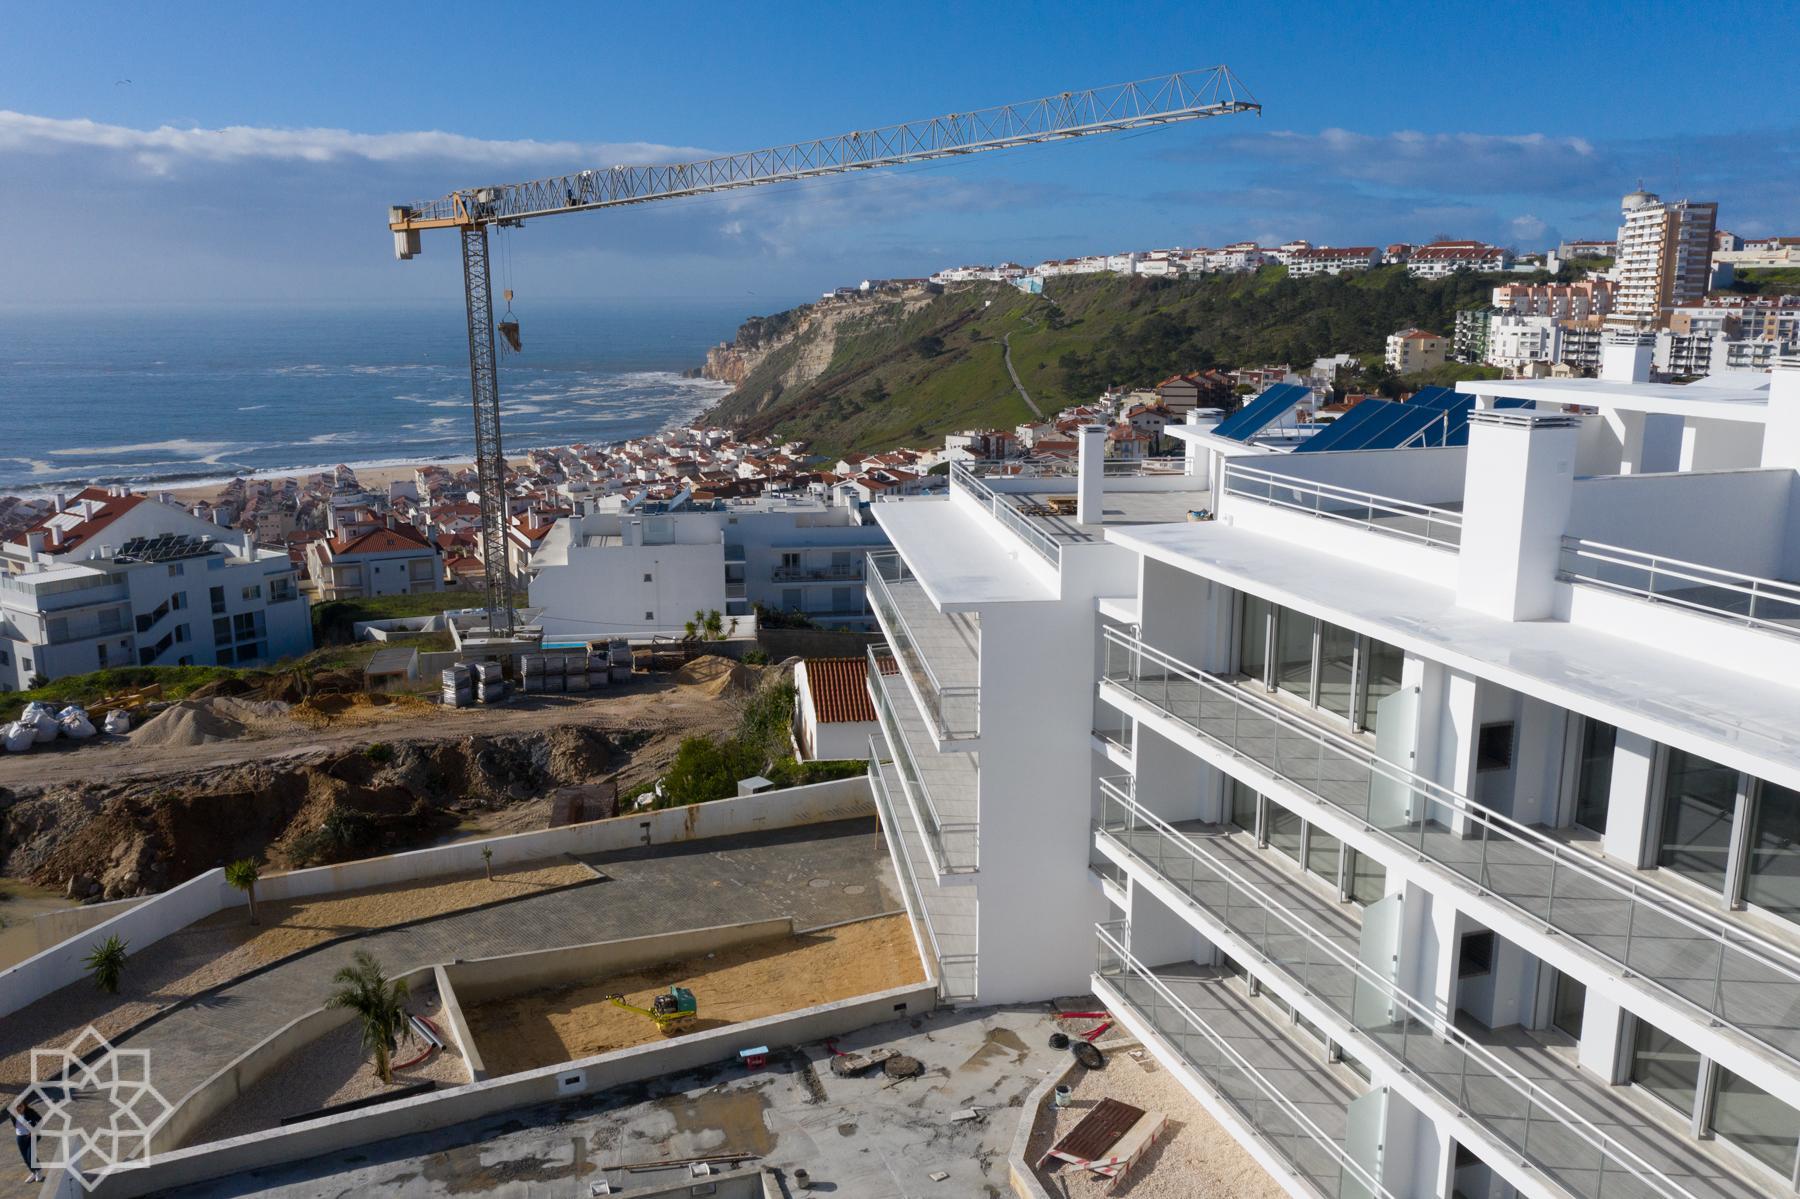 Köpa har stora fördelar jämfört med att hyra i Portugal